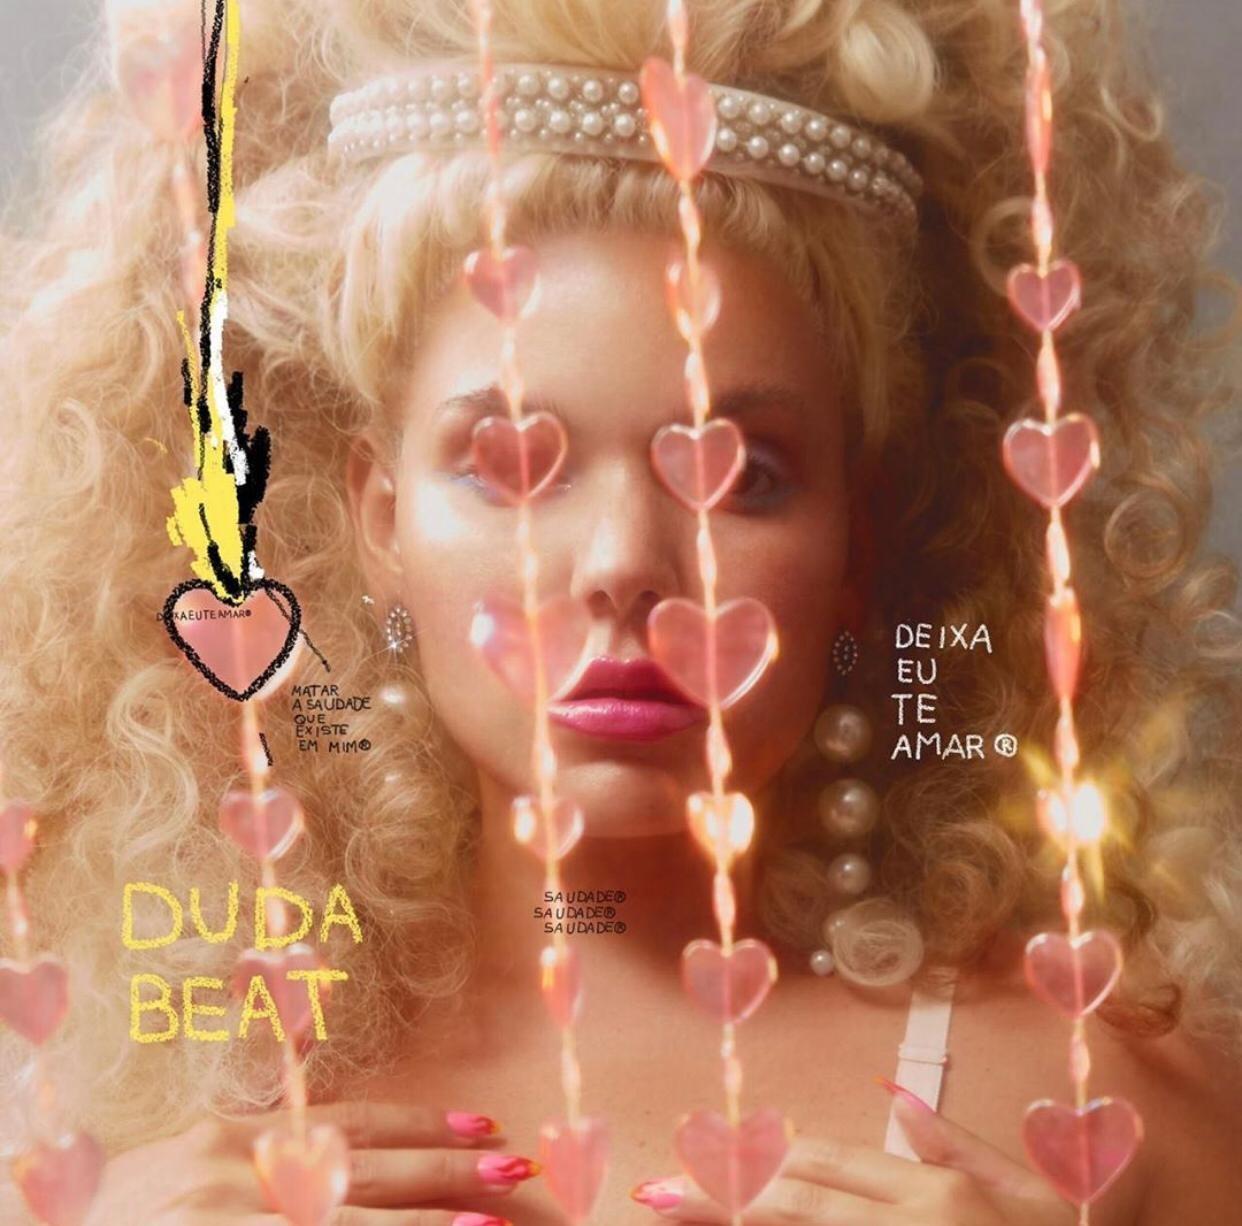 Duda Beat traz o maior sucesso do sambista Agepê para o universo pop brega - Notícias - Plantão Diário